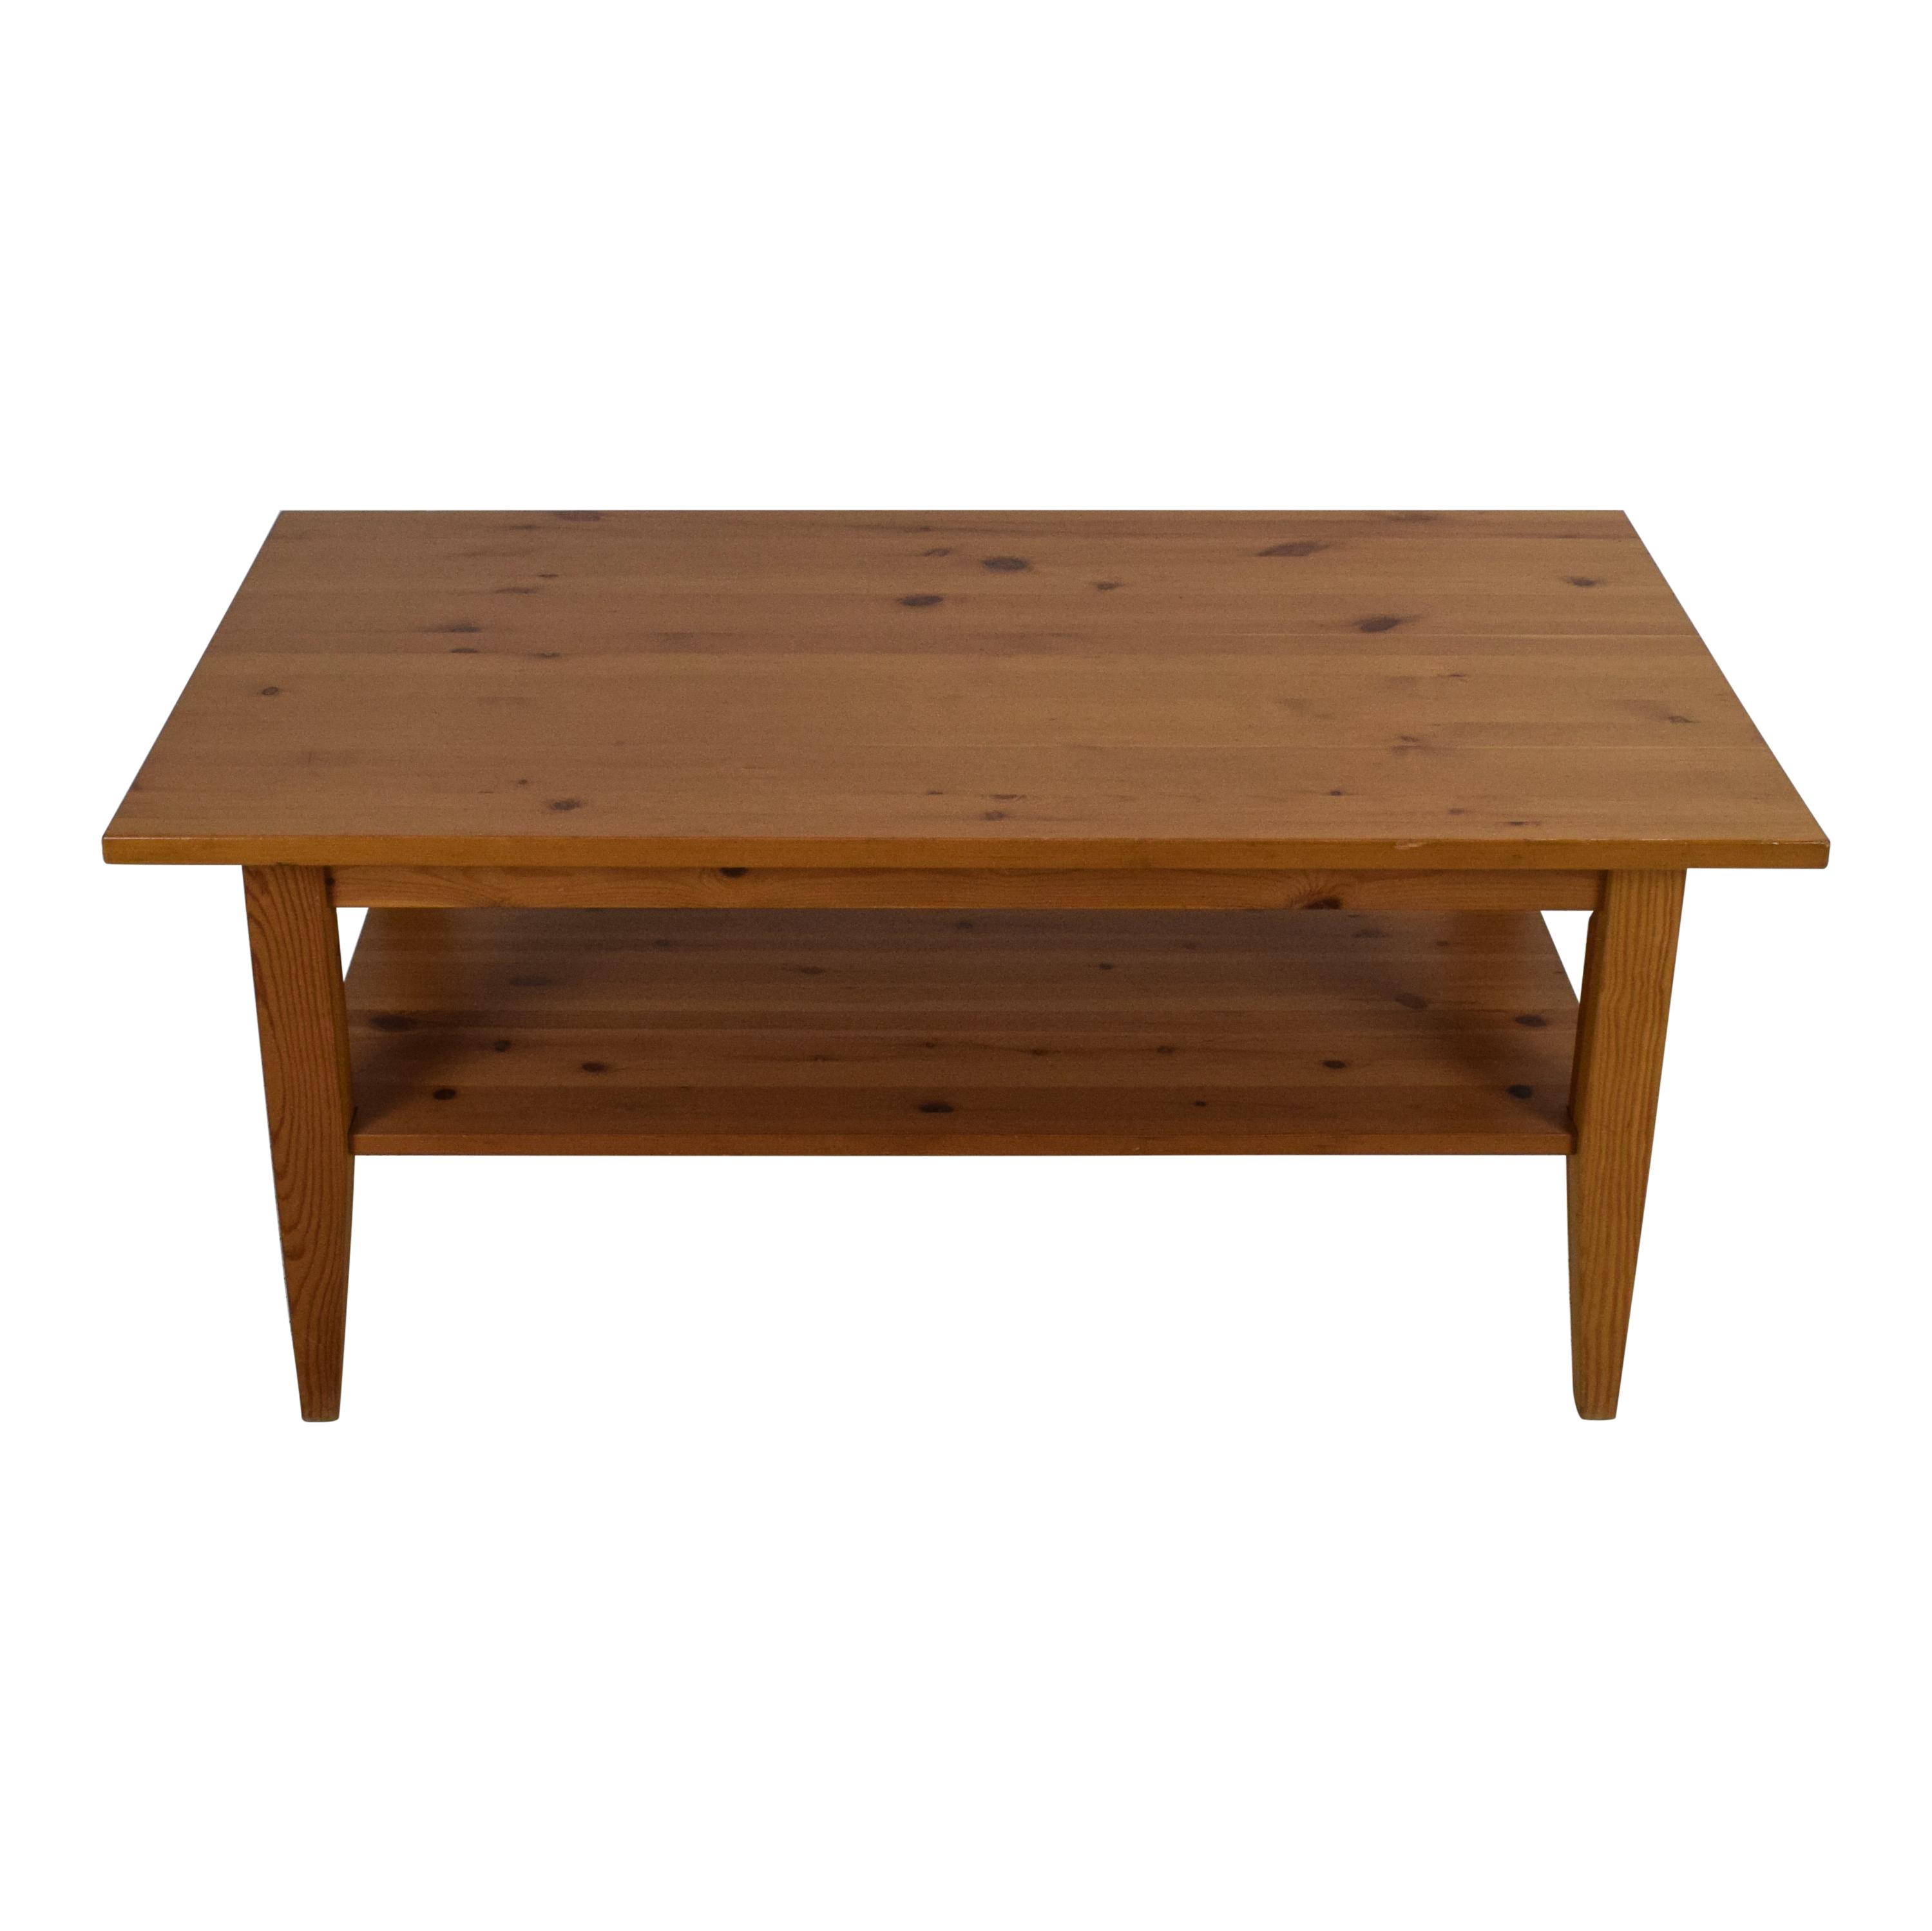 Hard Wood Living Room Table used